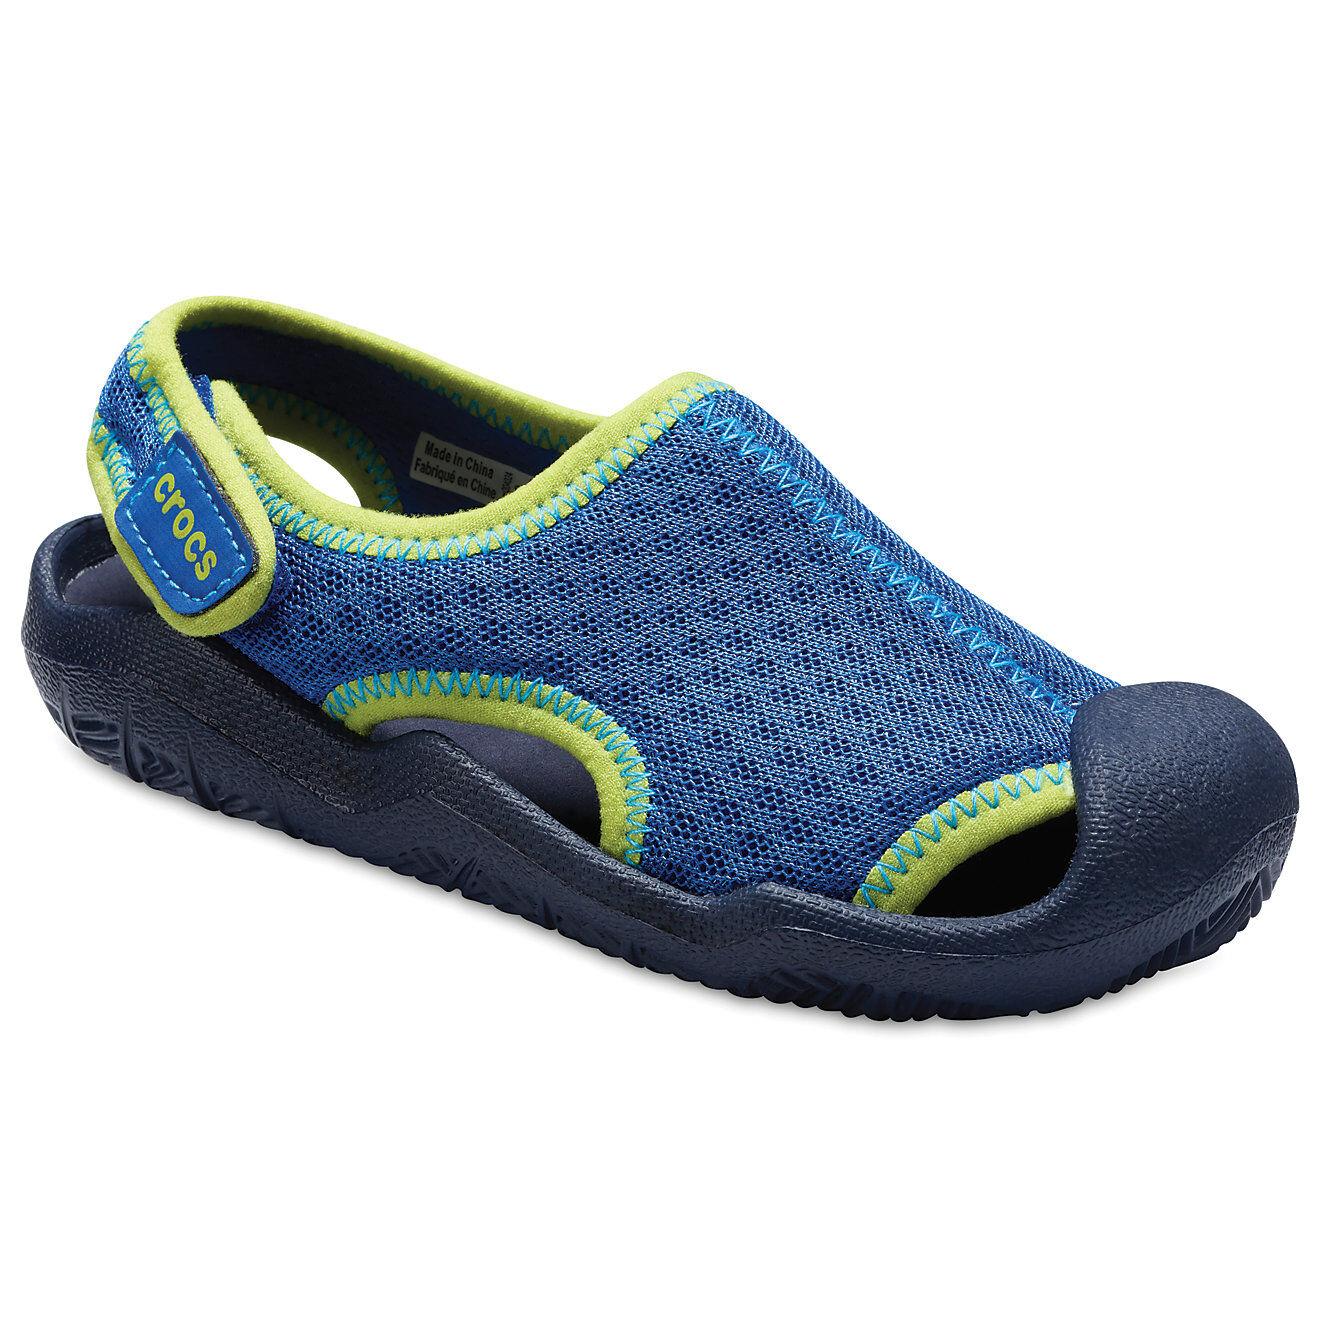 Post Swiftwater Boys'amp; Girls' Crocs SandalKittery Trading lJFcKT31